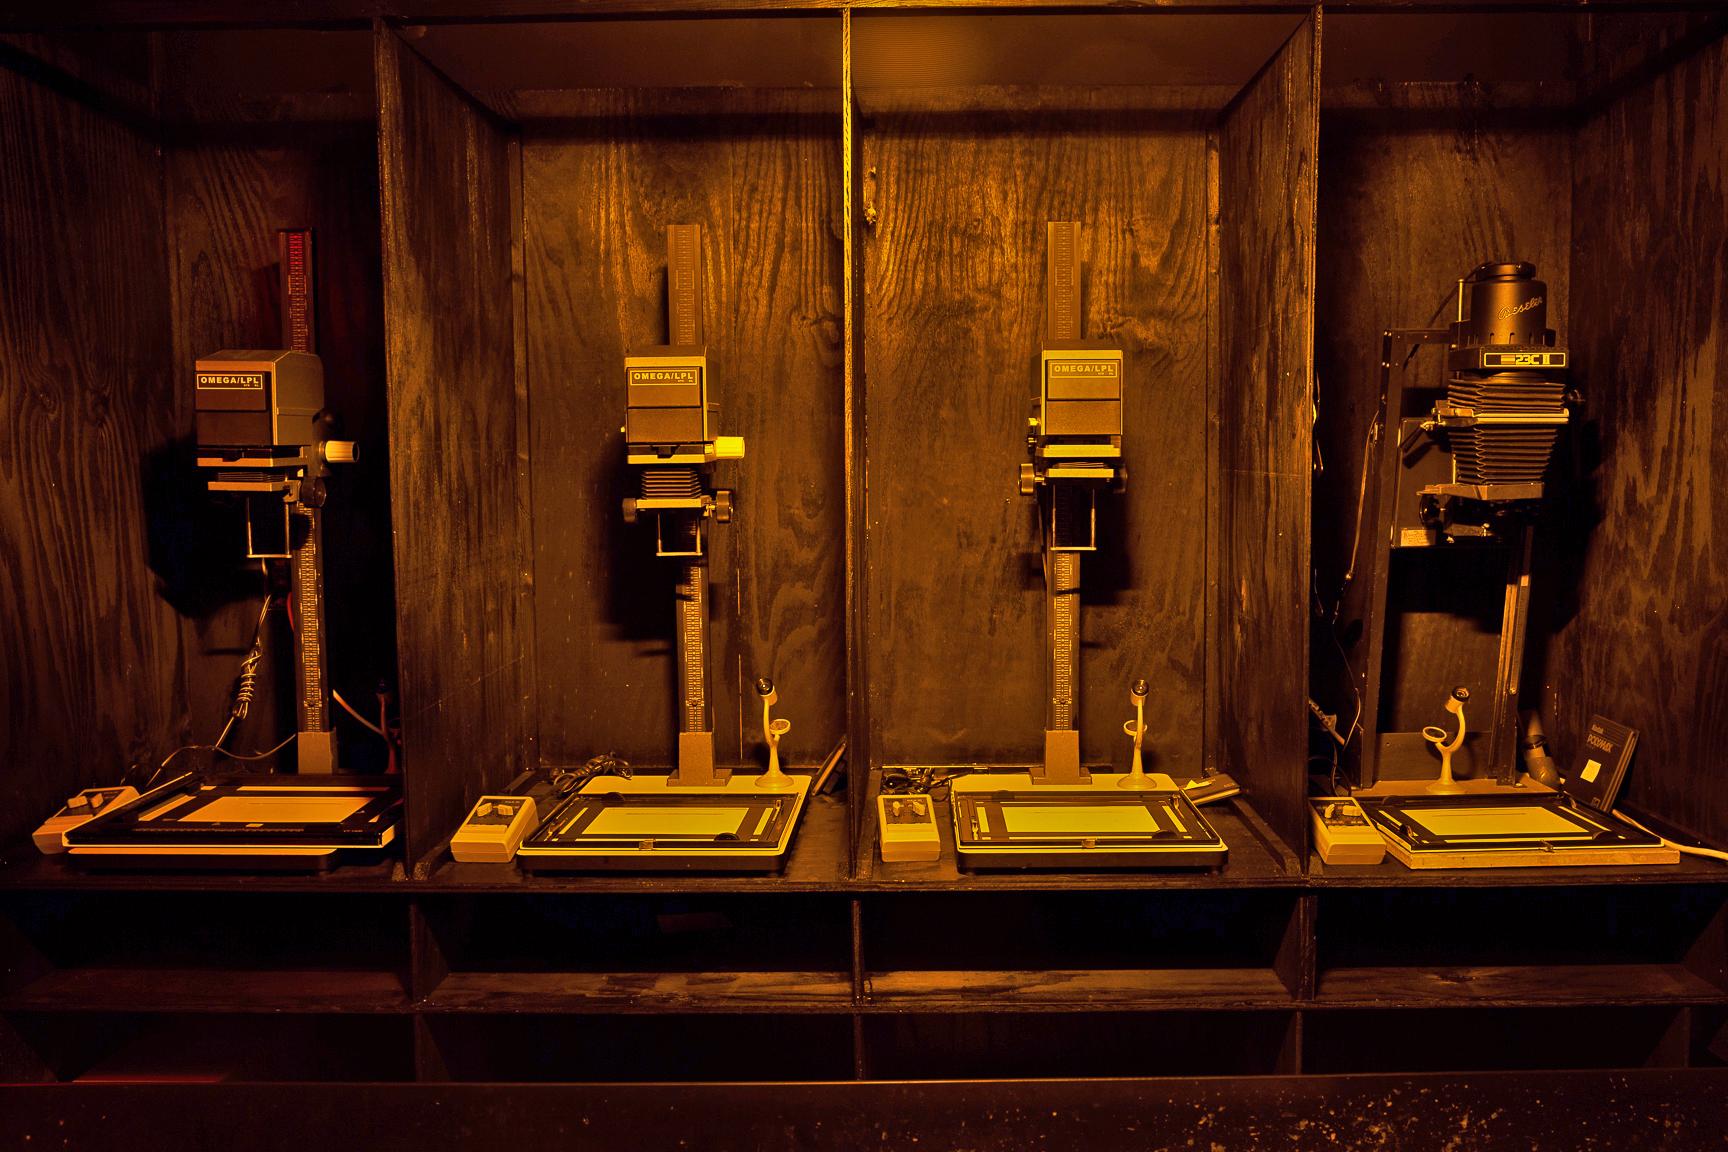 35mm Omega & Beseler enlargers in gang B&W darkroom